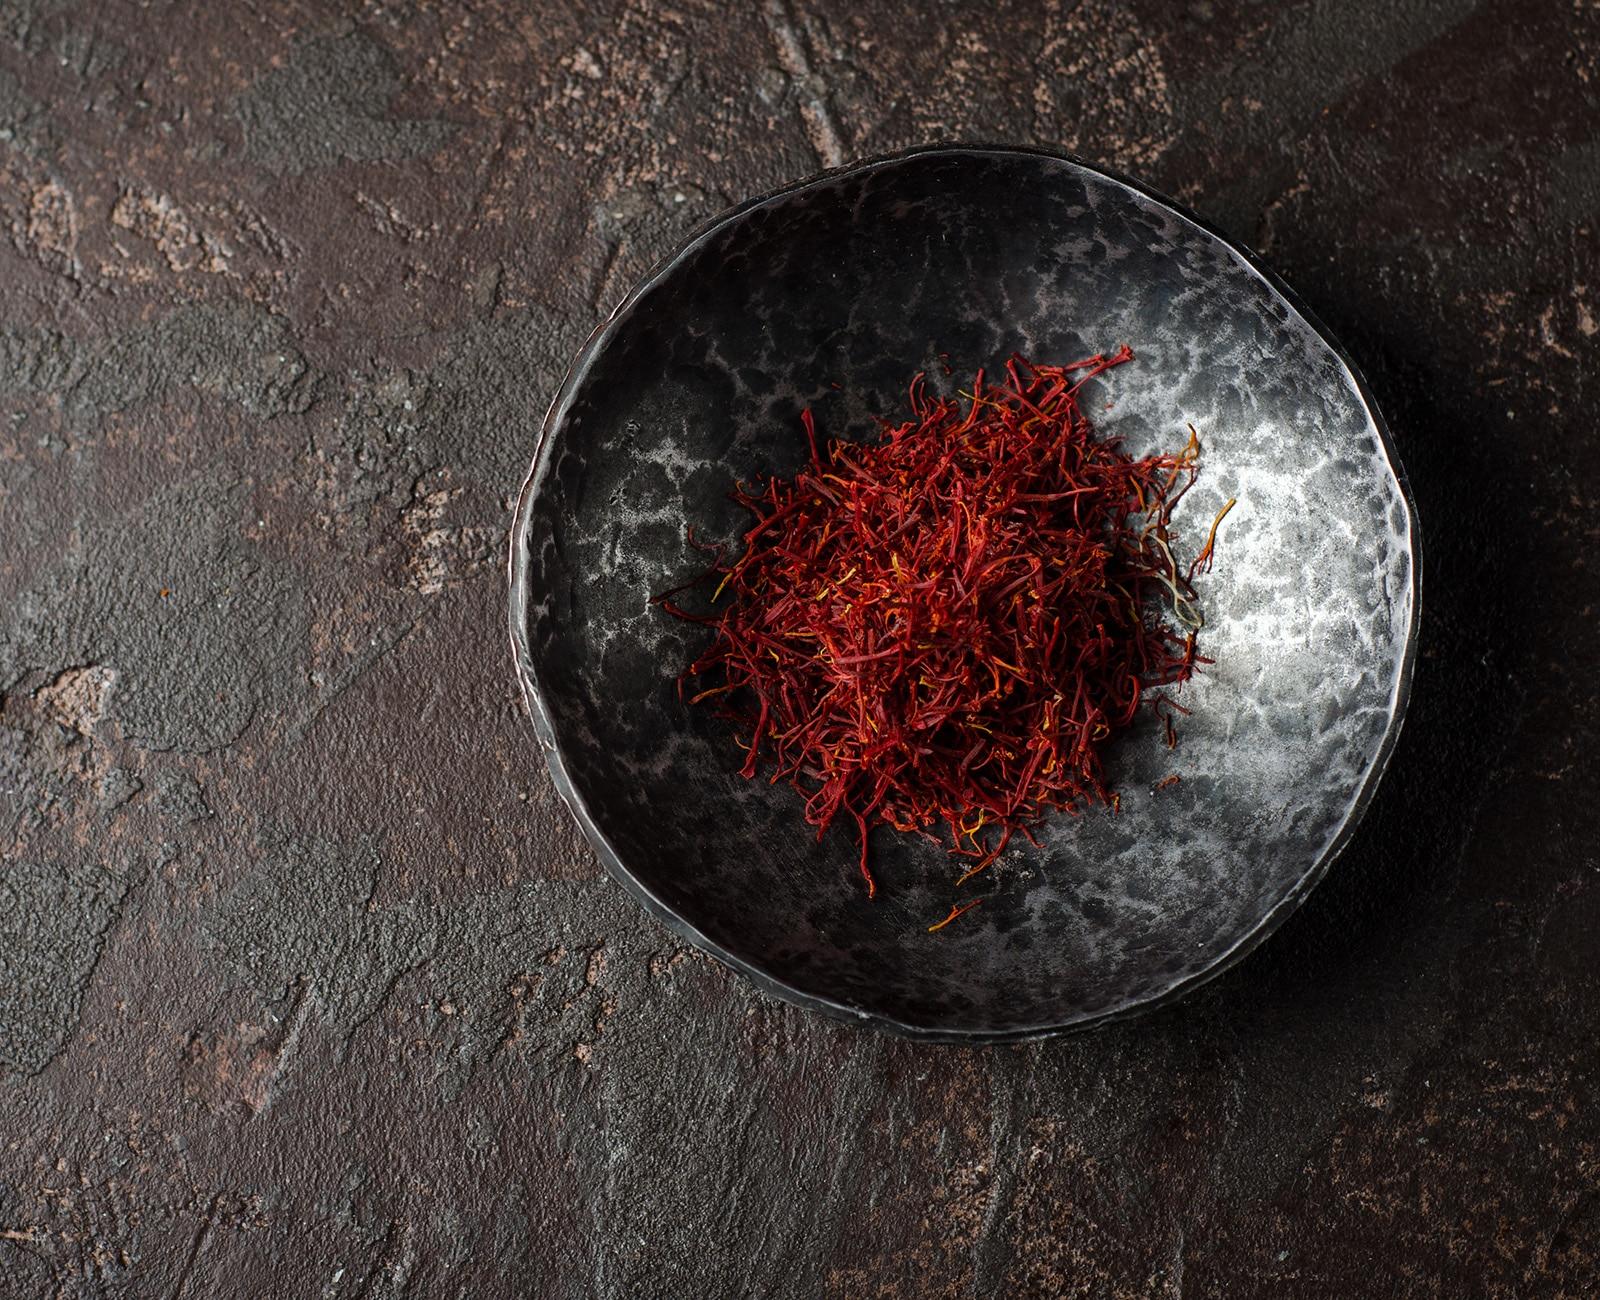 توضیحات بیشتر » خرید عصاره زعفران اسلی خوراکی صادراتی